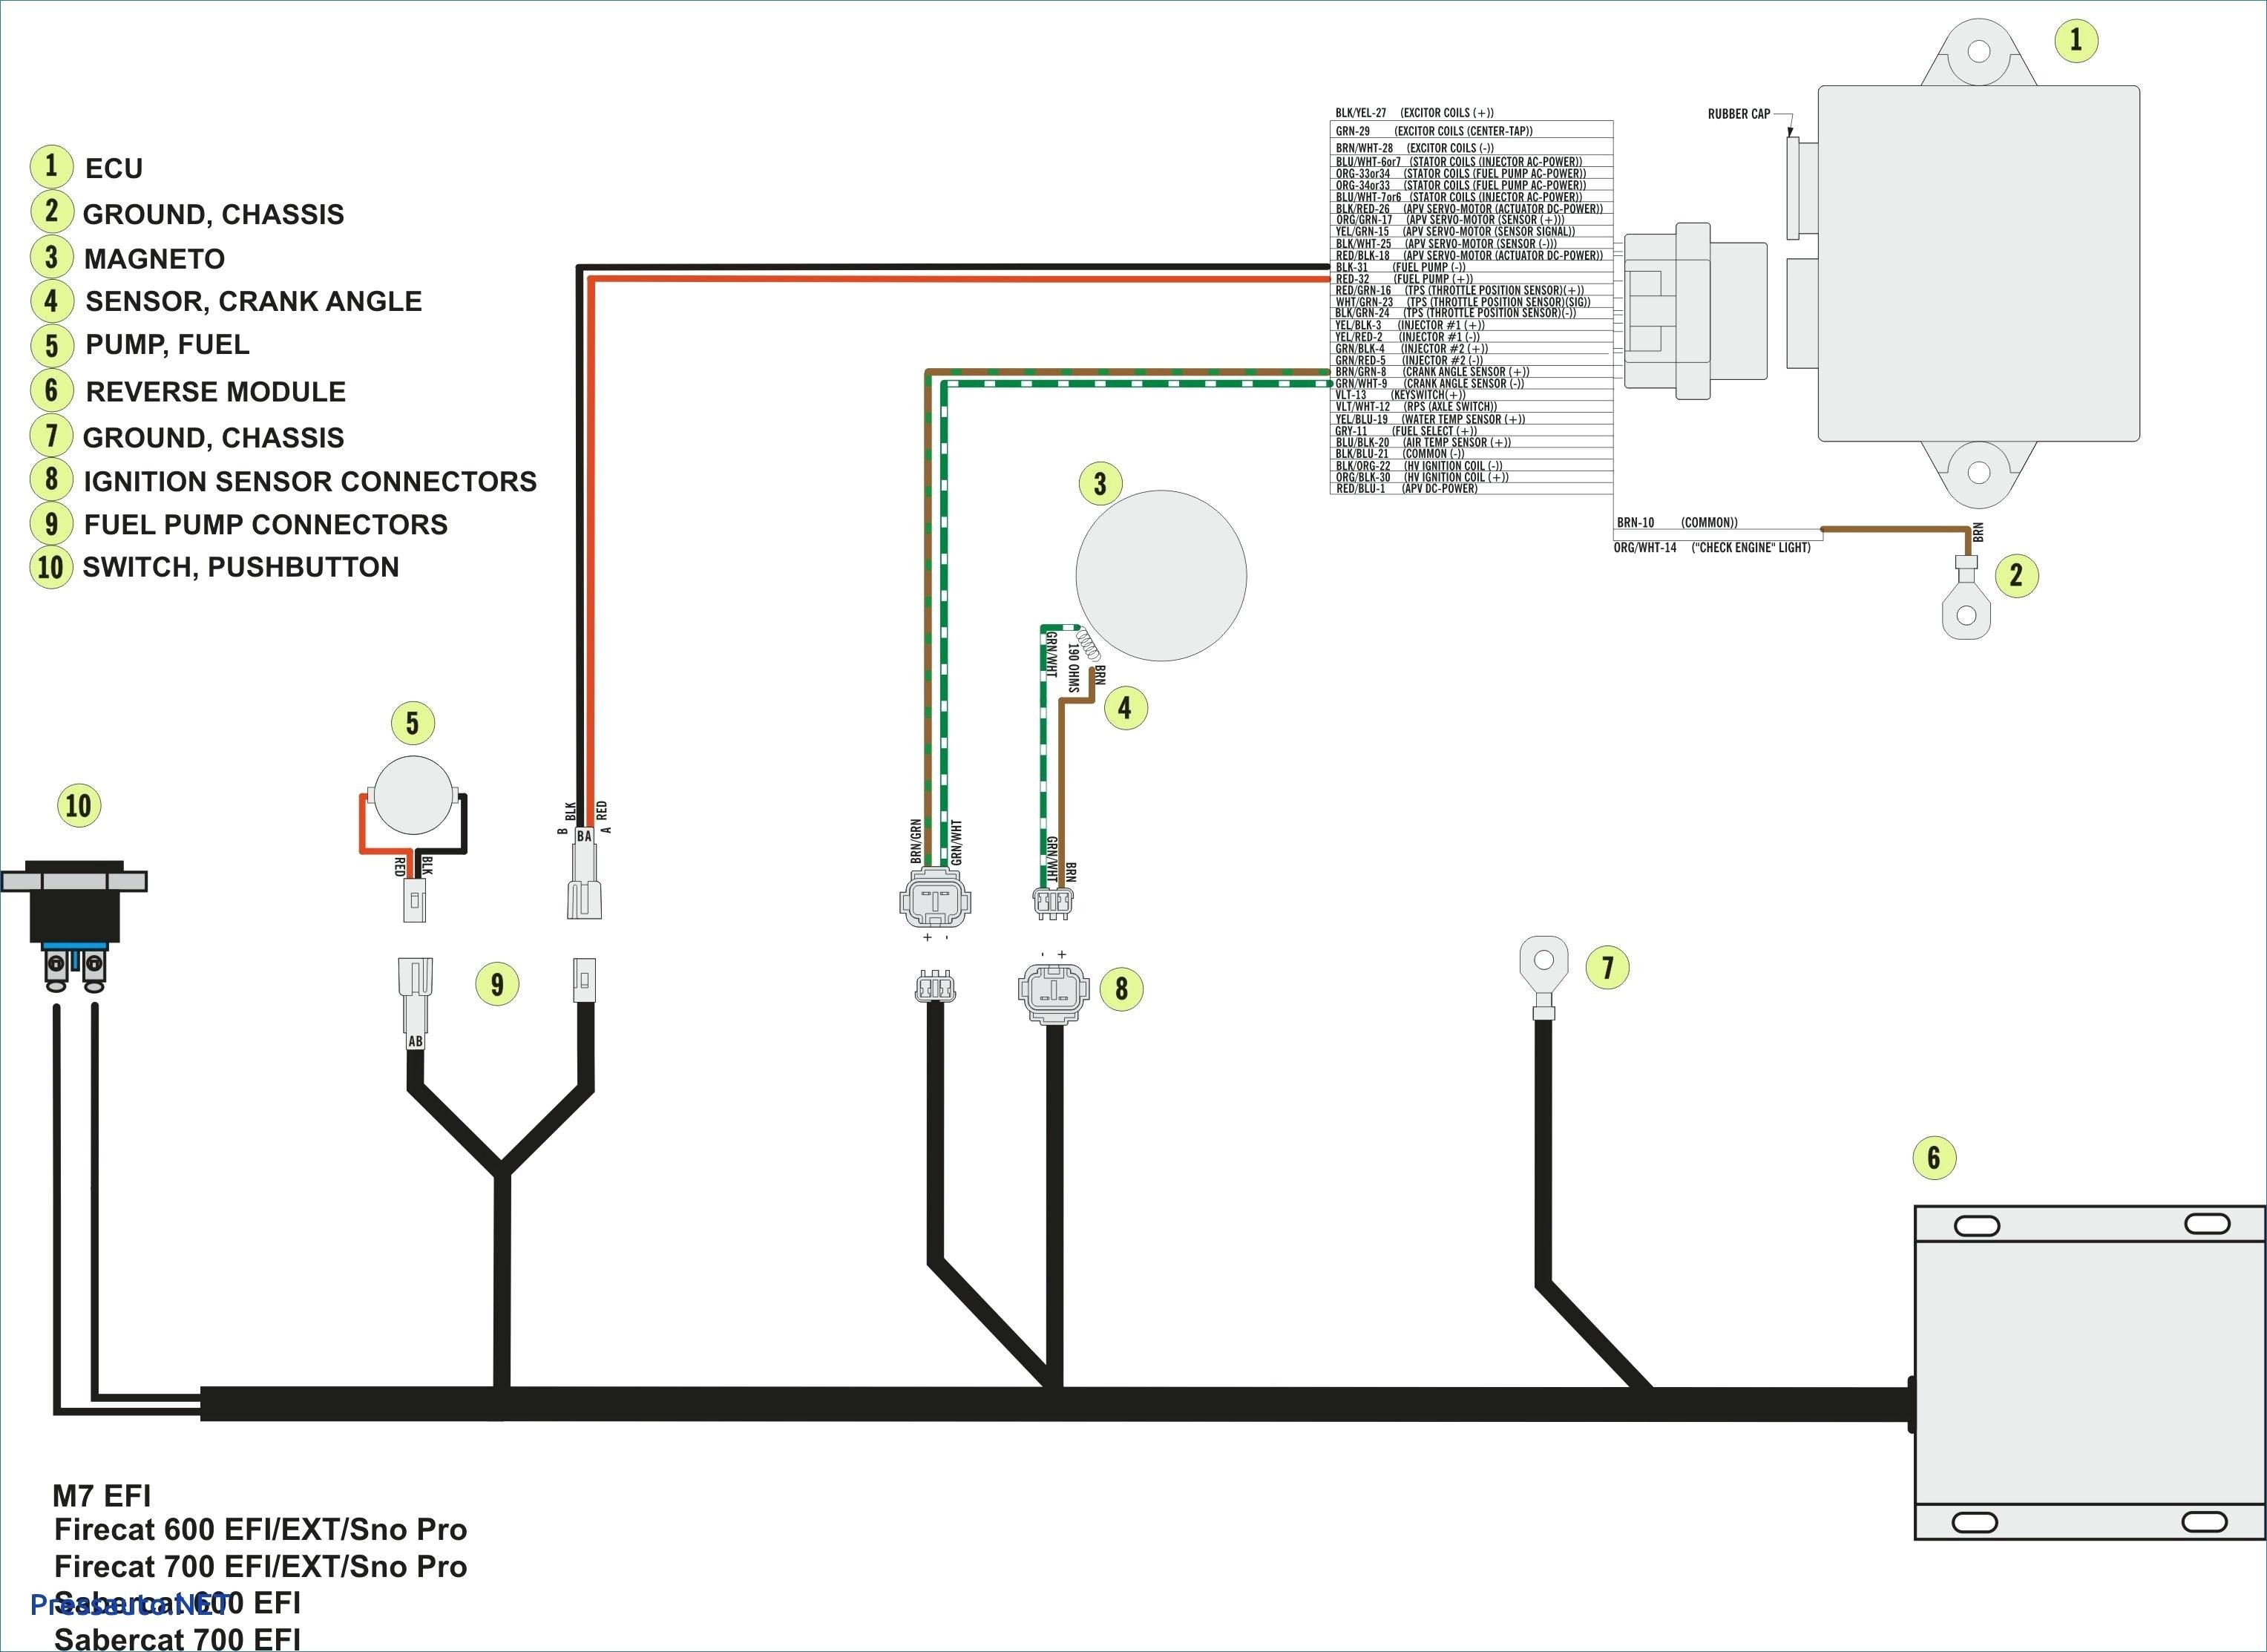 Friedland Transformer Wiring Diagram - Wiring Diagram Schematics